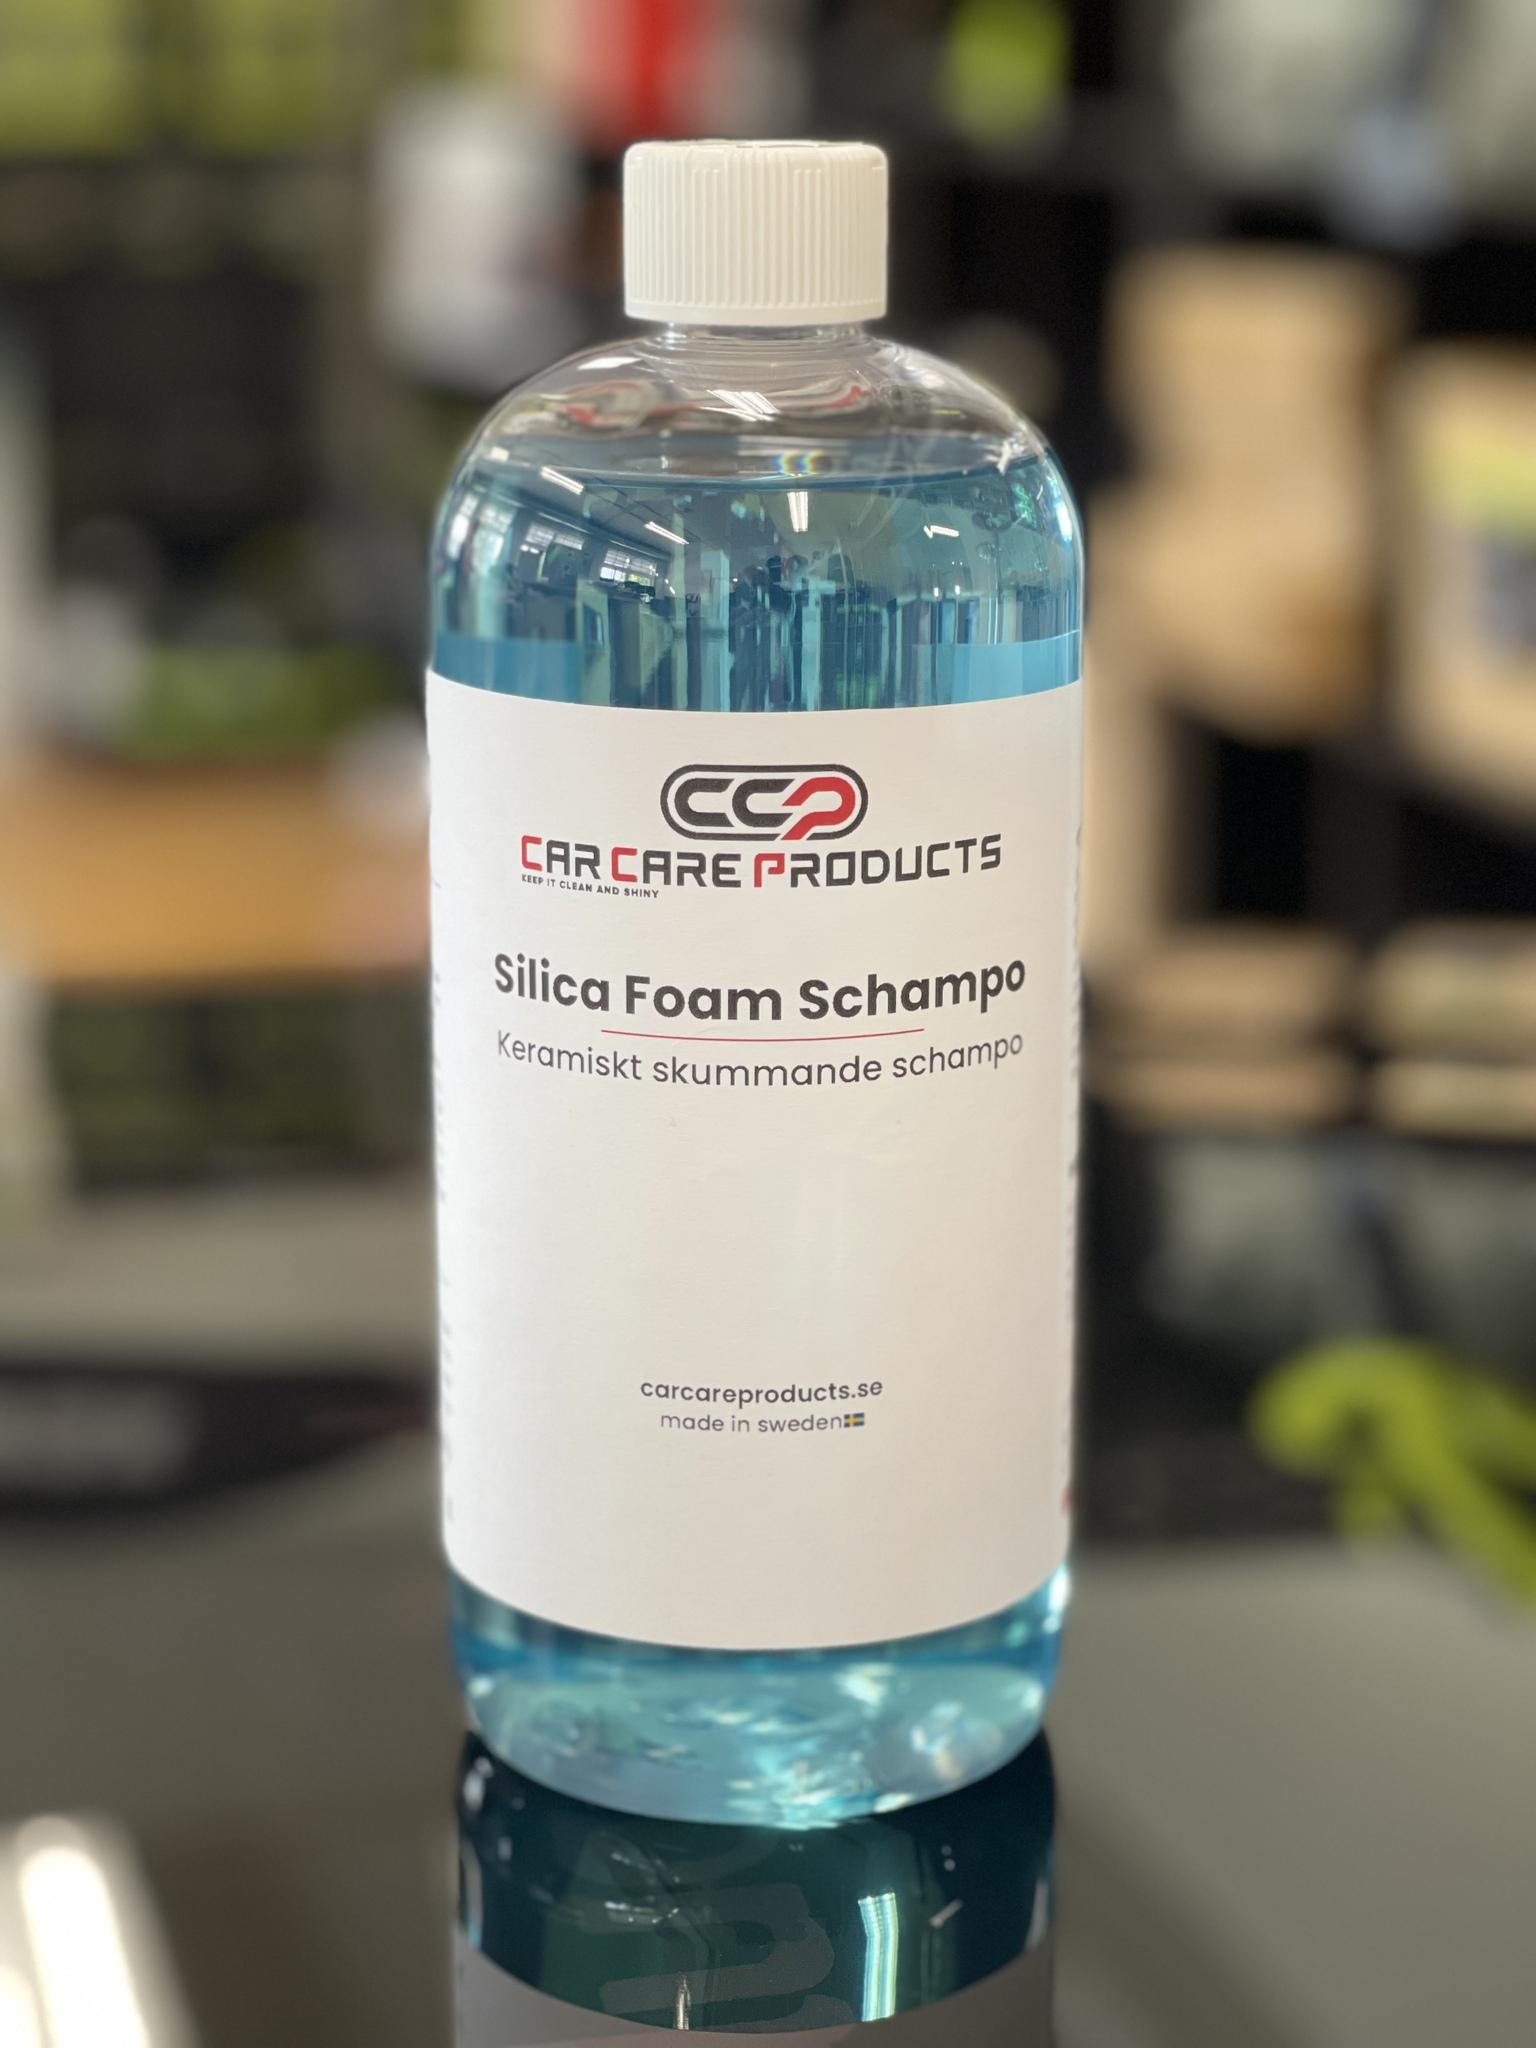 Silica Foam Schampo